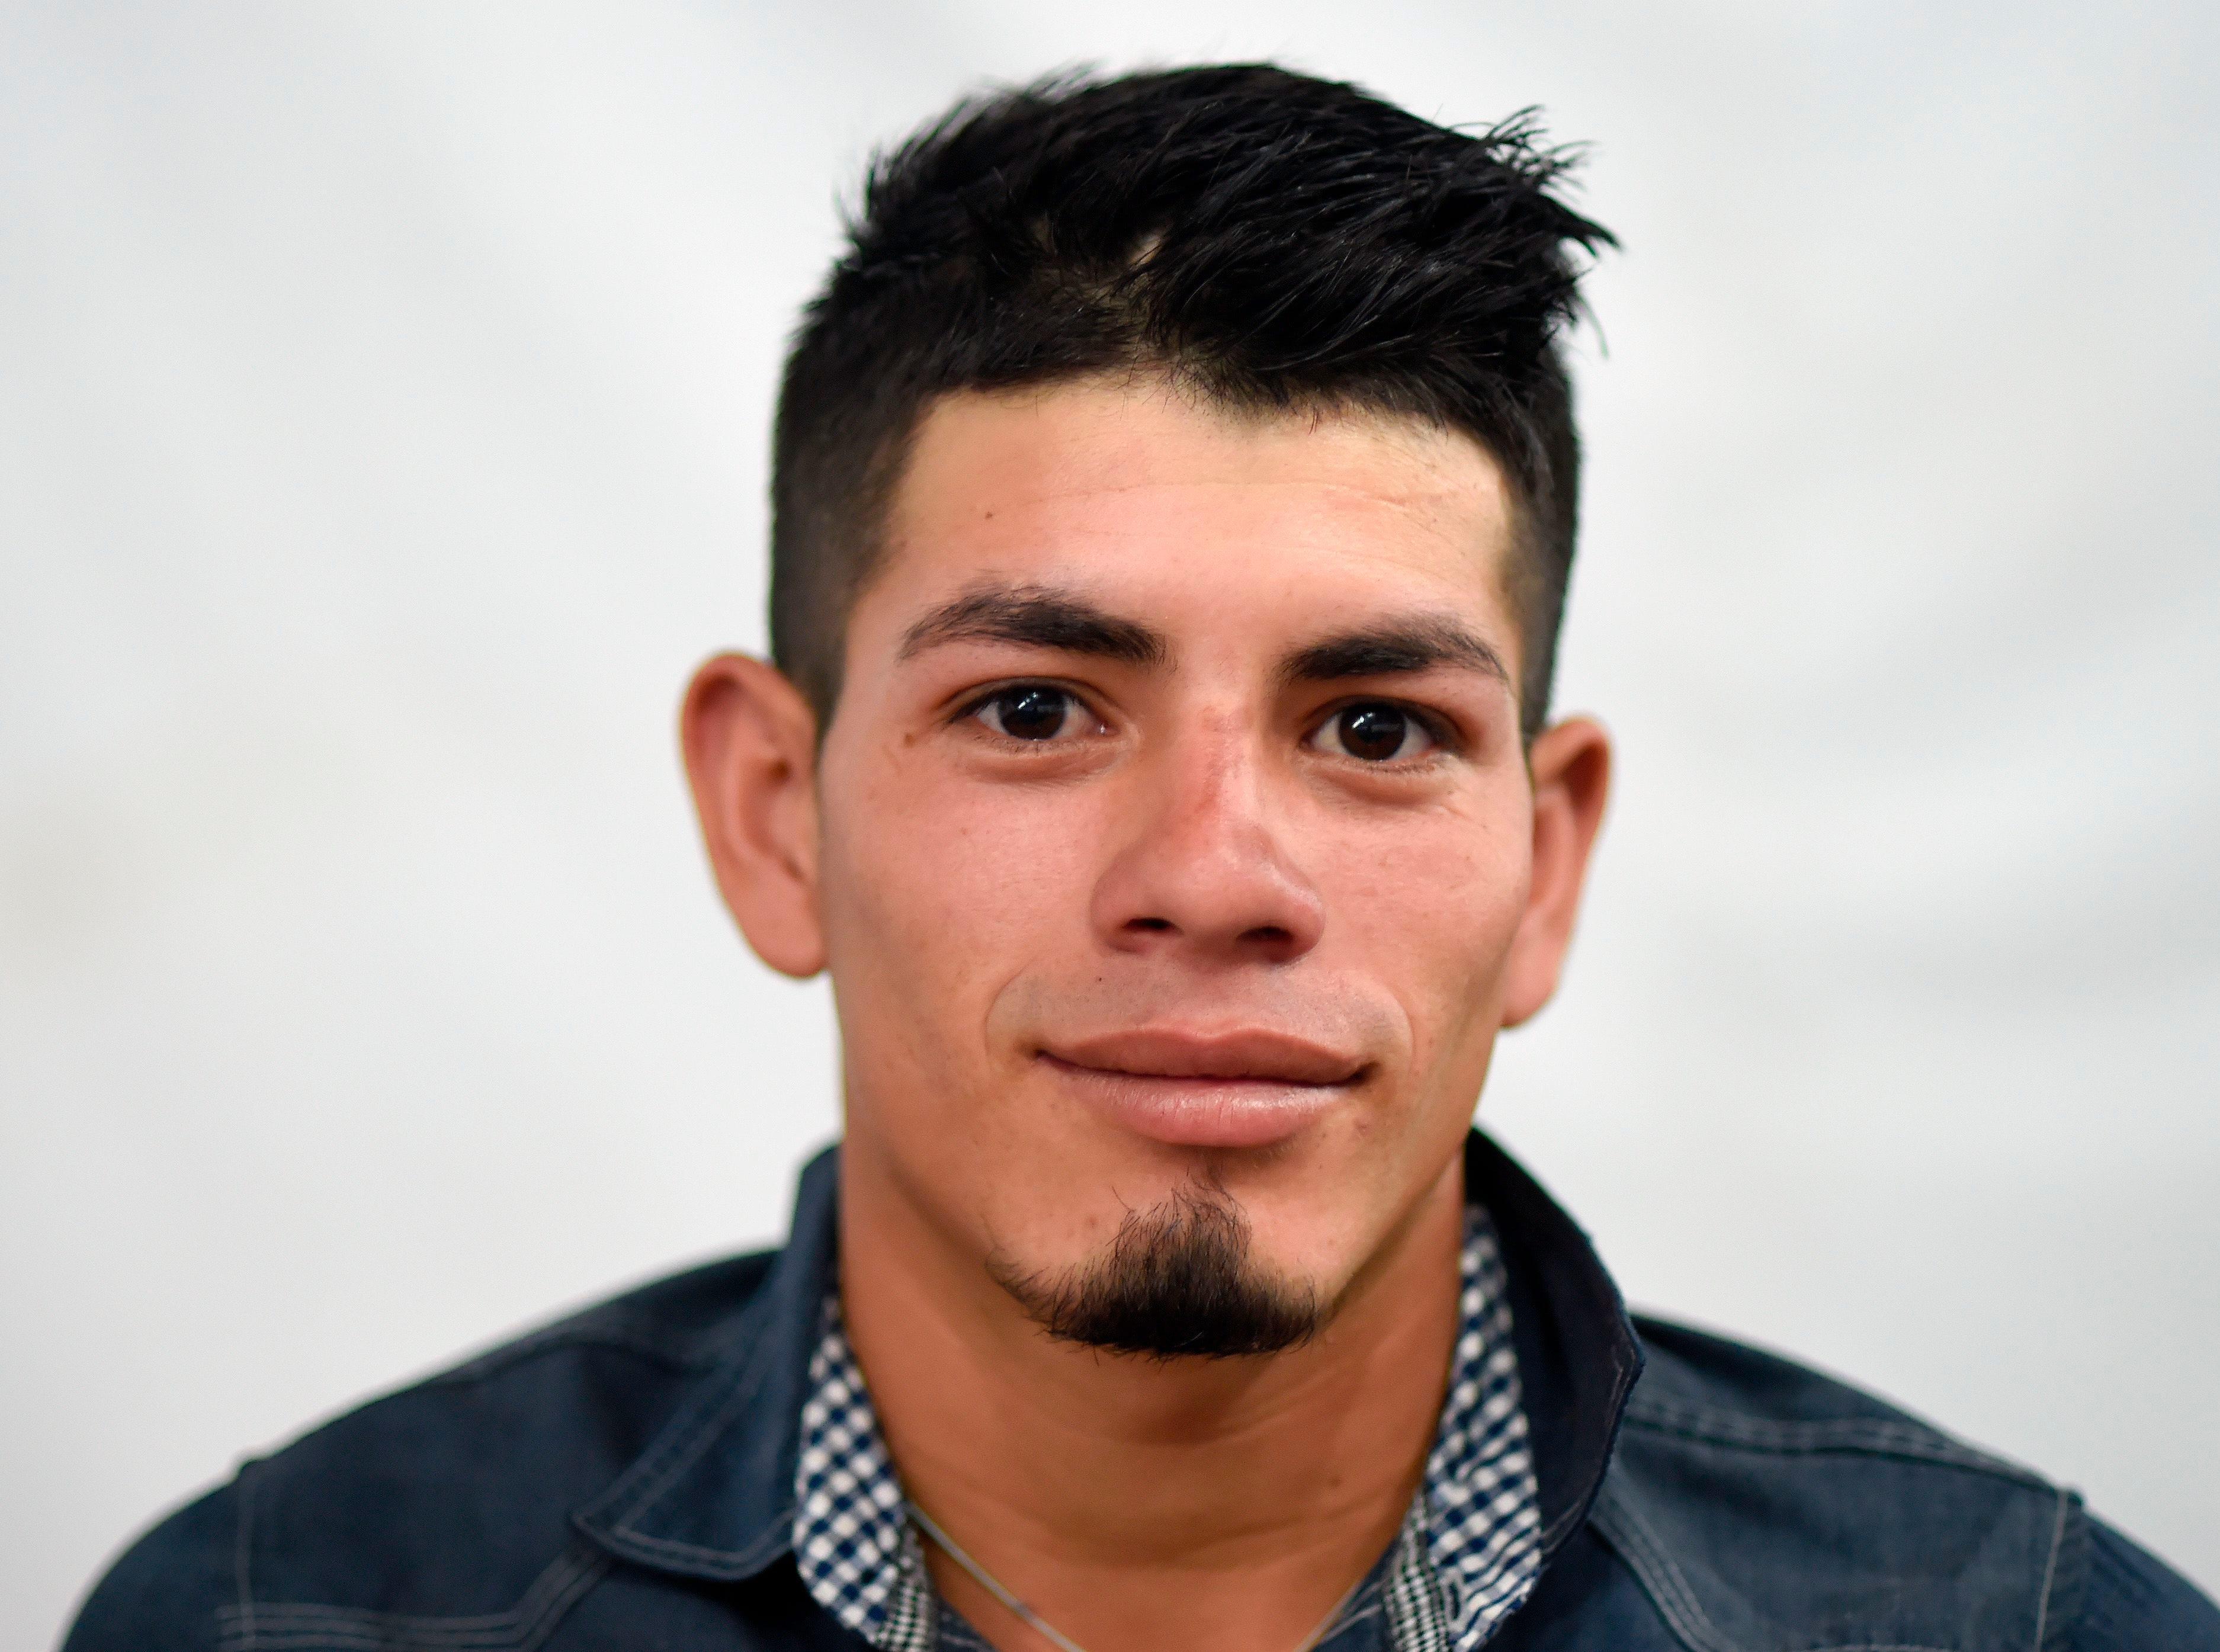 Darwin Mejía, hondureño, 20 años. Estos son los rostros de los migrantes centroamericanos que huyen de la pobreza y violencia que se vive en sus países; y que por medio de una caravana caminan cientos de kilómetros cruzando ciudades, ríos, carreteras, bosques y fronteras, con el firme propósito de hacer realidad su sueño de llegar a los Estados Unidos.